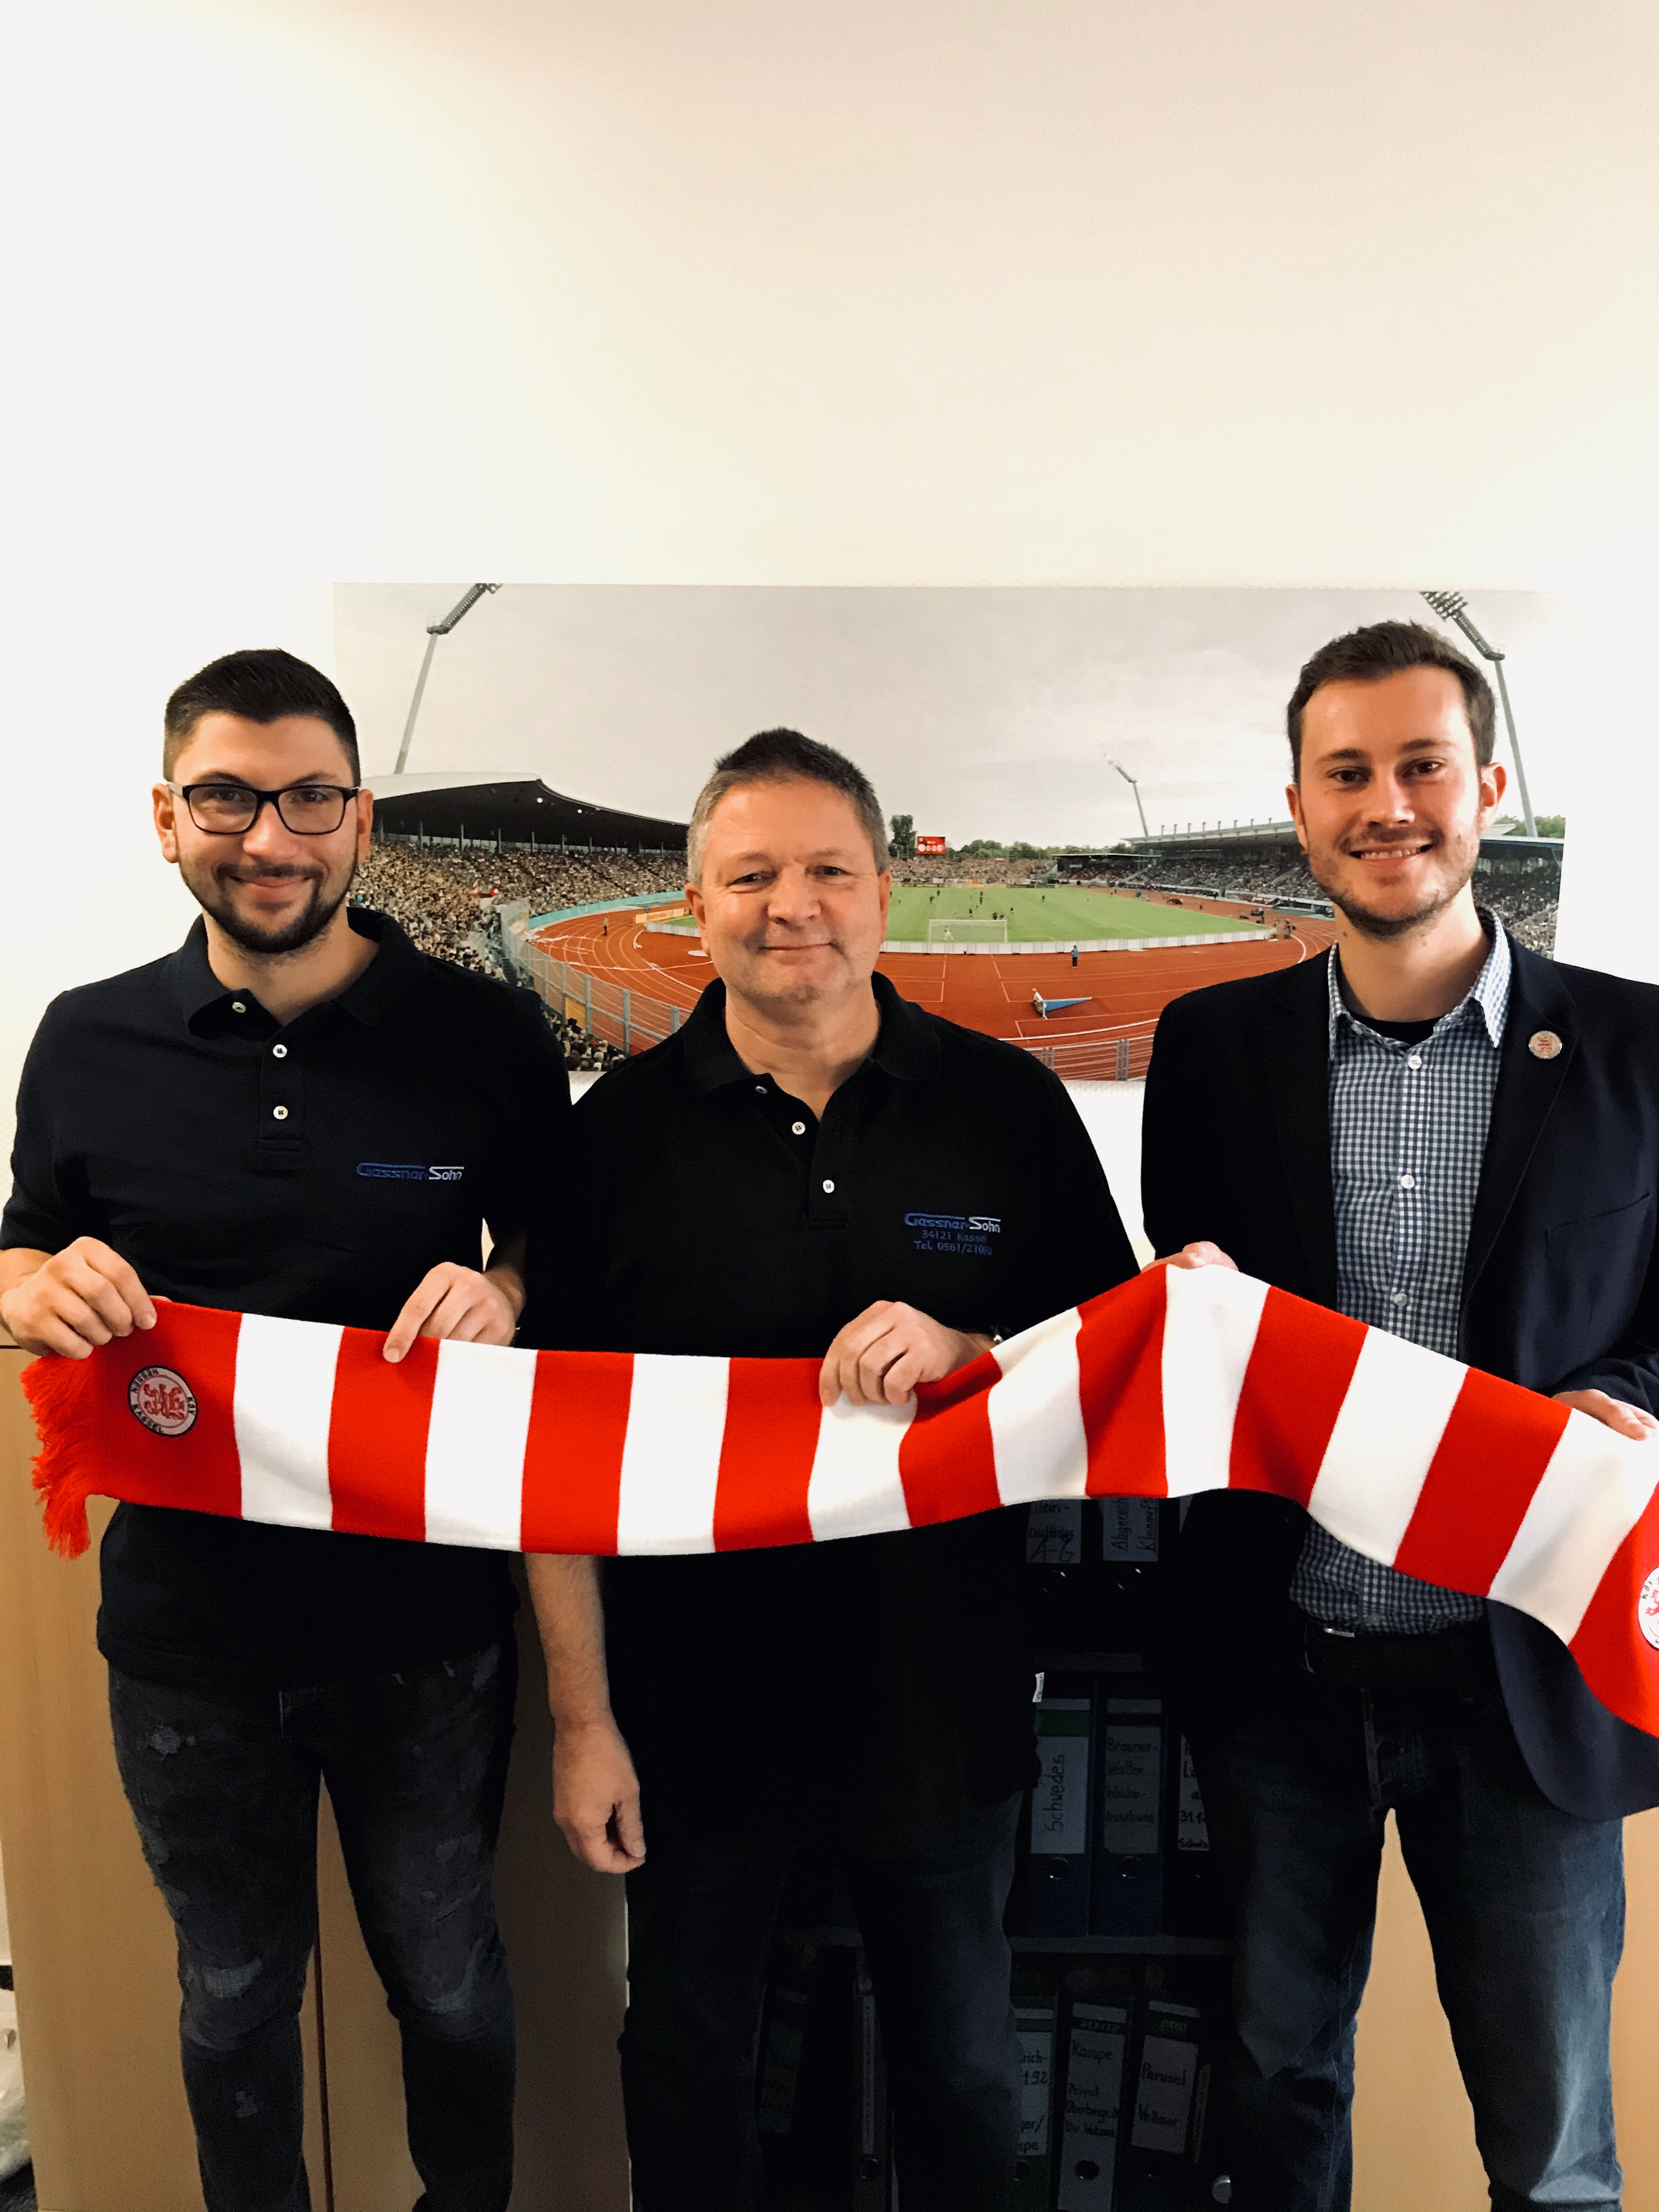 Marius Gessner, Hans-Martin Gessner und Dennis Frank-Böckmann